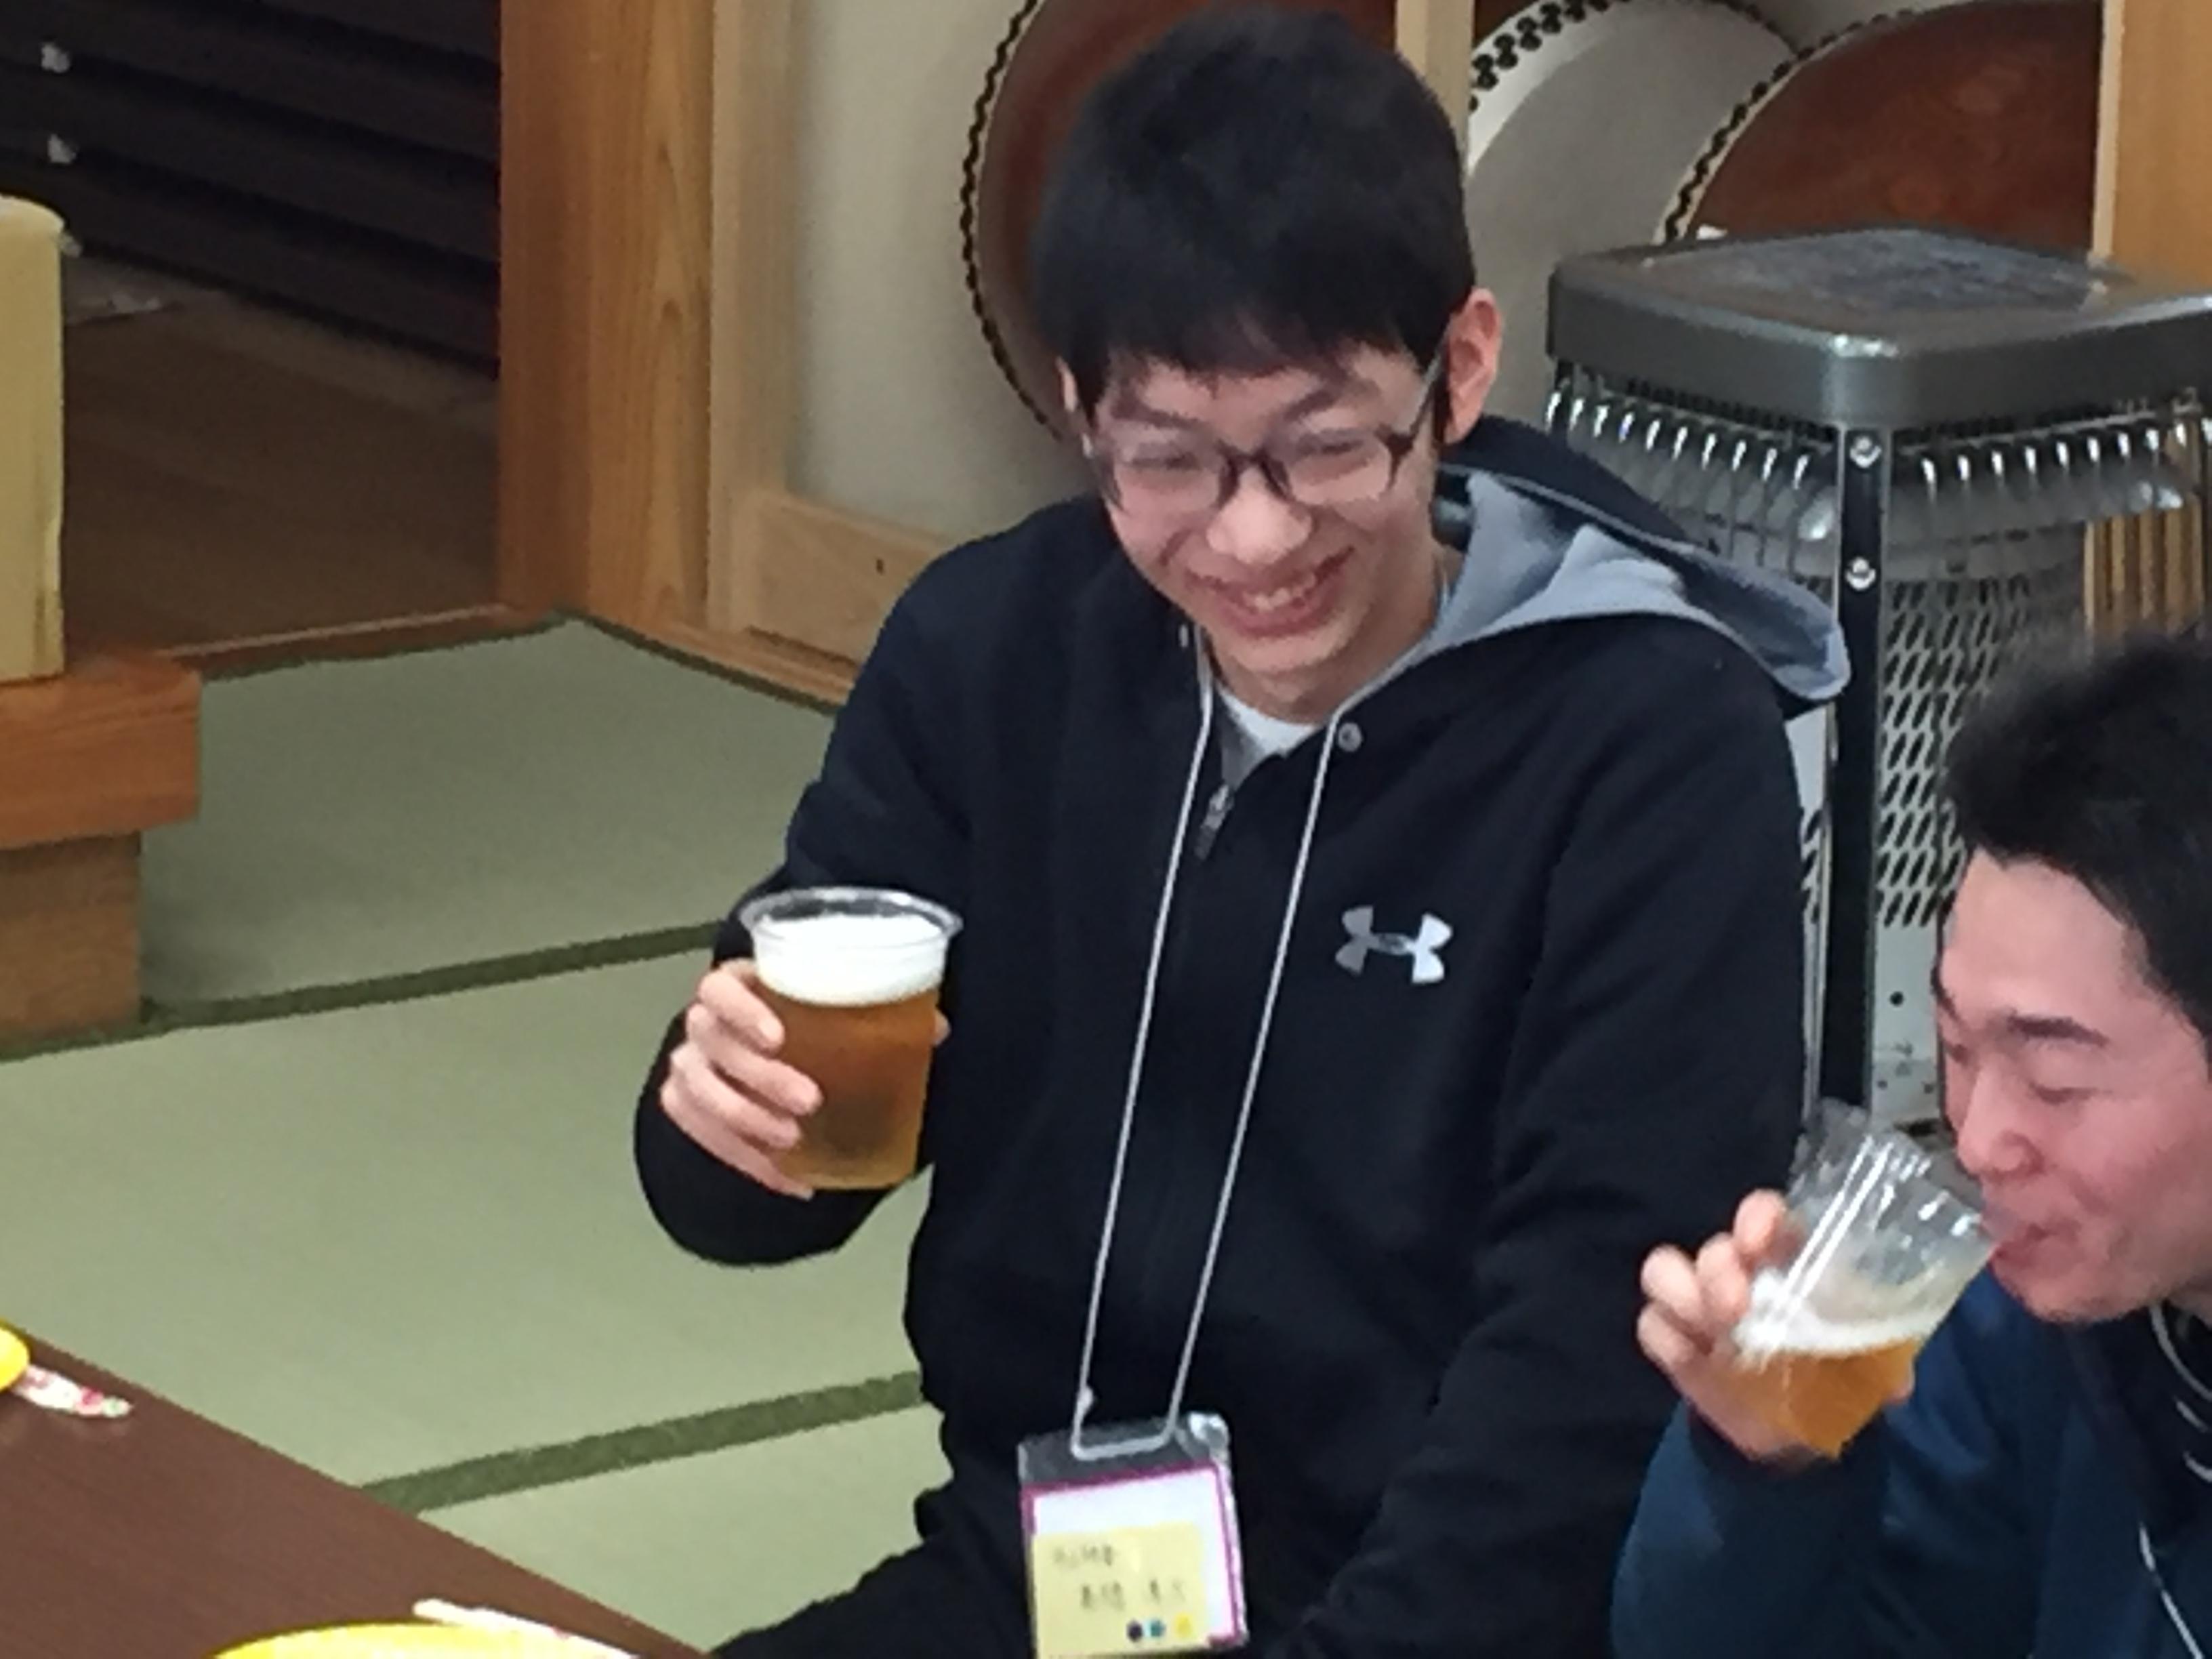 ビールを飲む高橋滉太さん